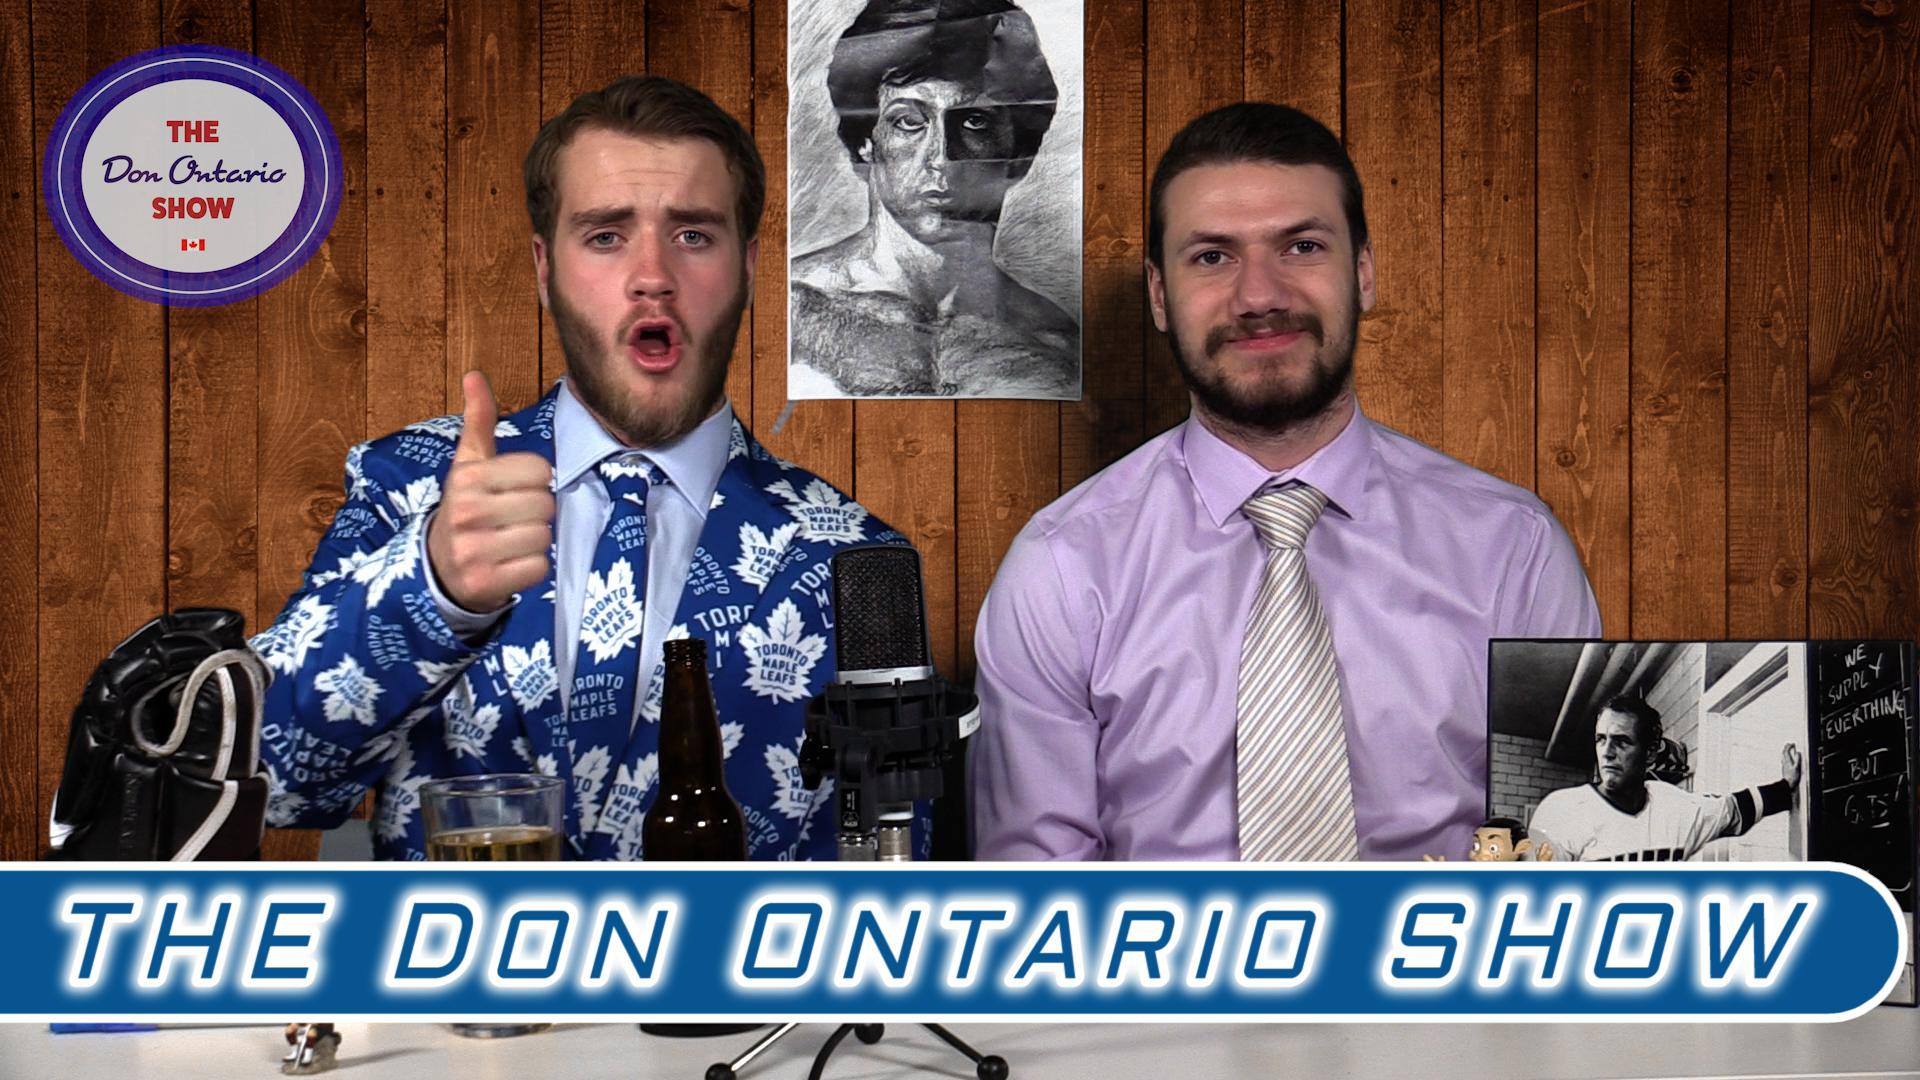 The Don Ontario Show